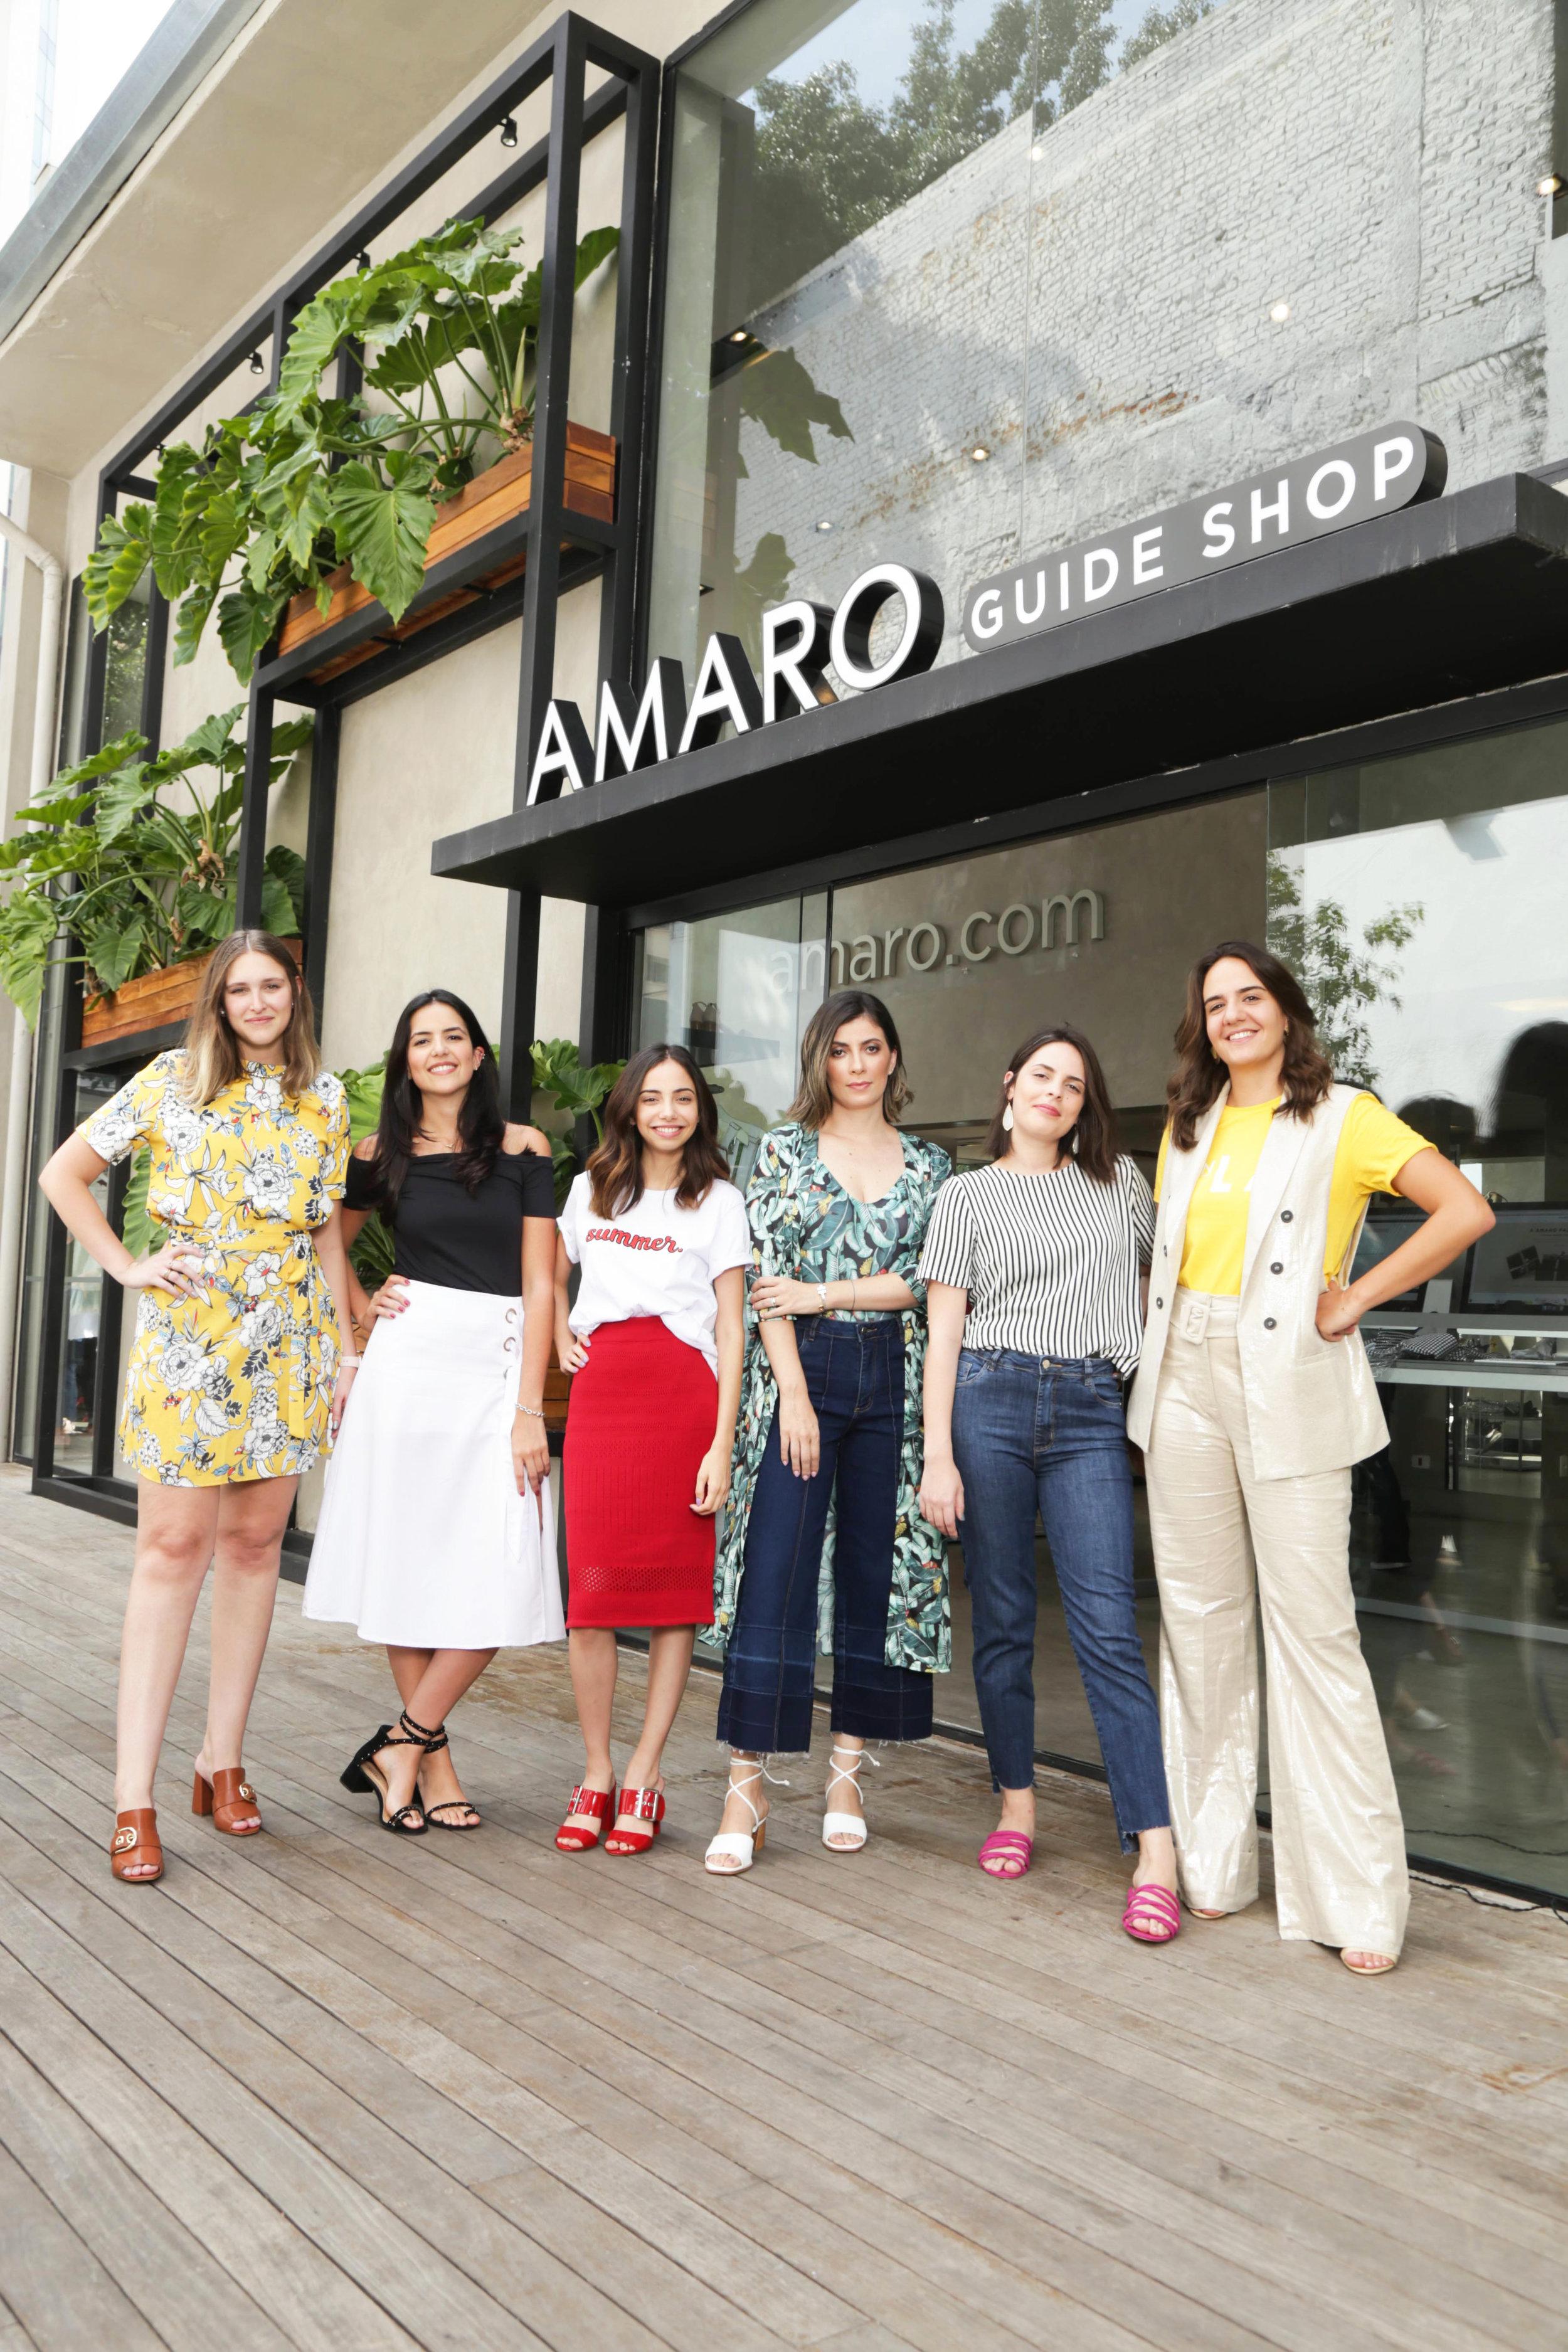 From left to right: Luisa Fleury, Ana Fraia, Giovana Marçon, Camila Rocha, Nathalia Henriques and Fernanda Jacob